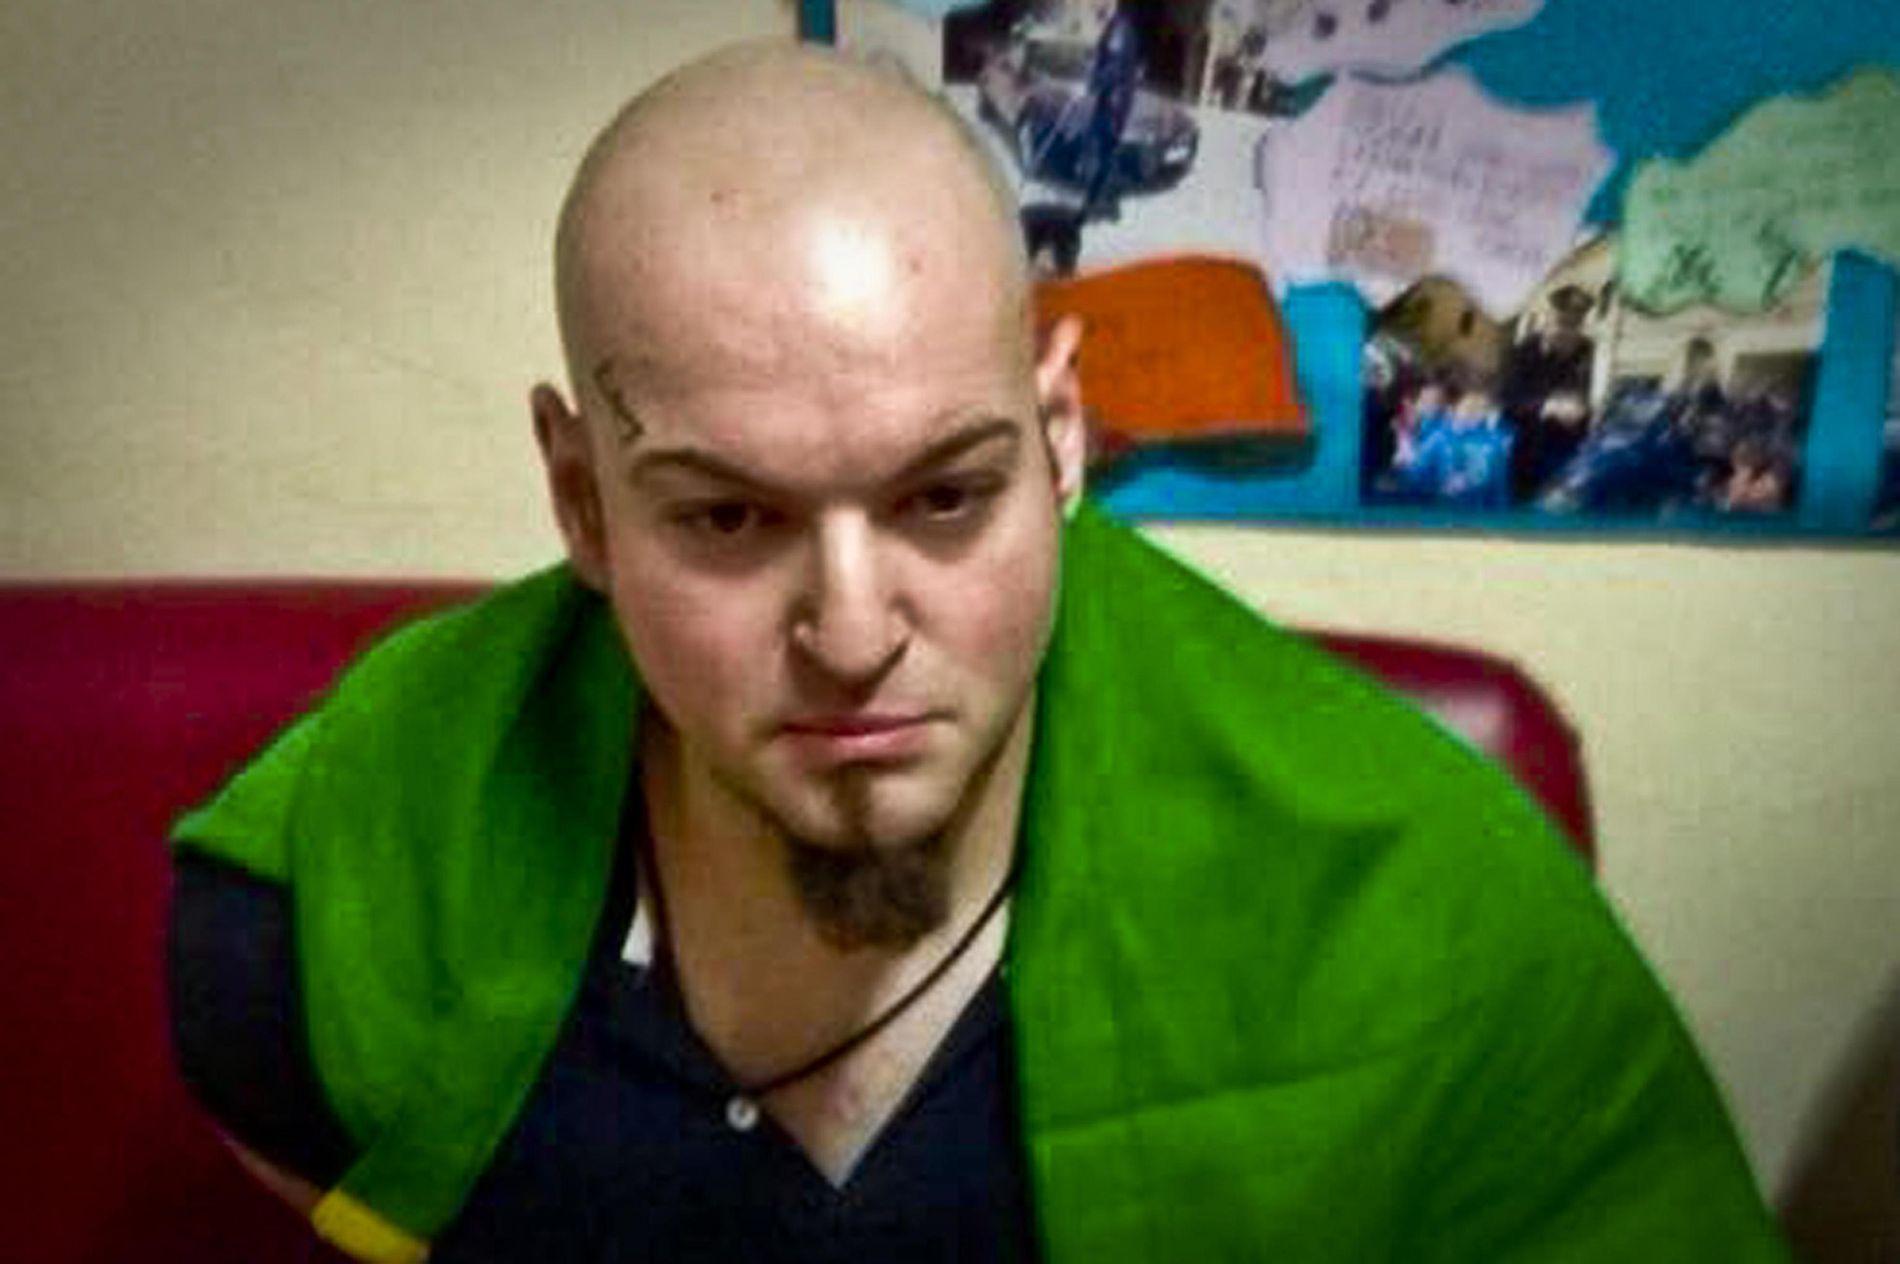 ARRESTERT: 28 år gamle Luca Traini, som tidligere forsøkte å stille til valg for Lega Nord, ble arrestert for angrepet på seks afrikanere i Macerata.